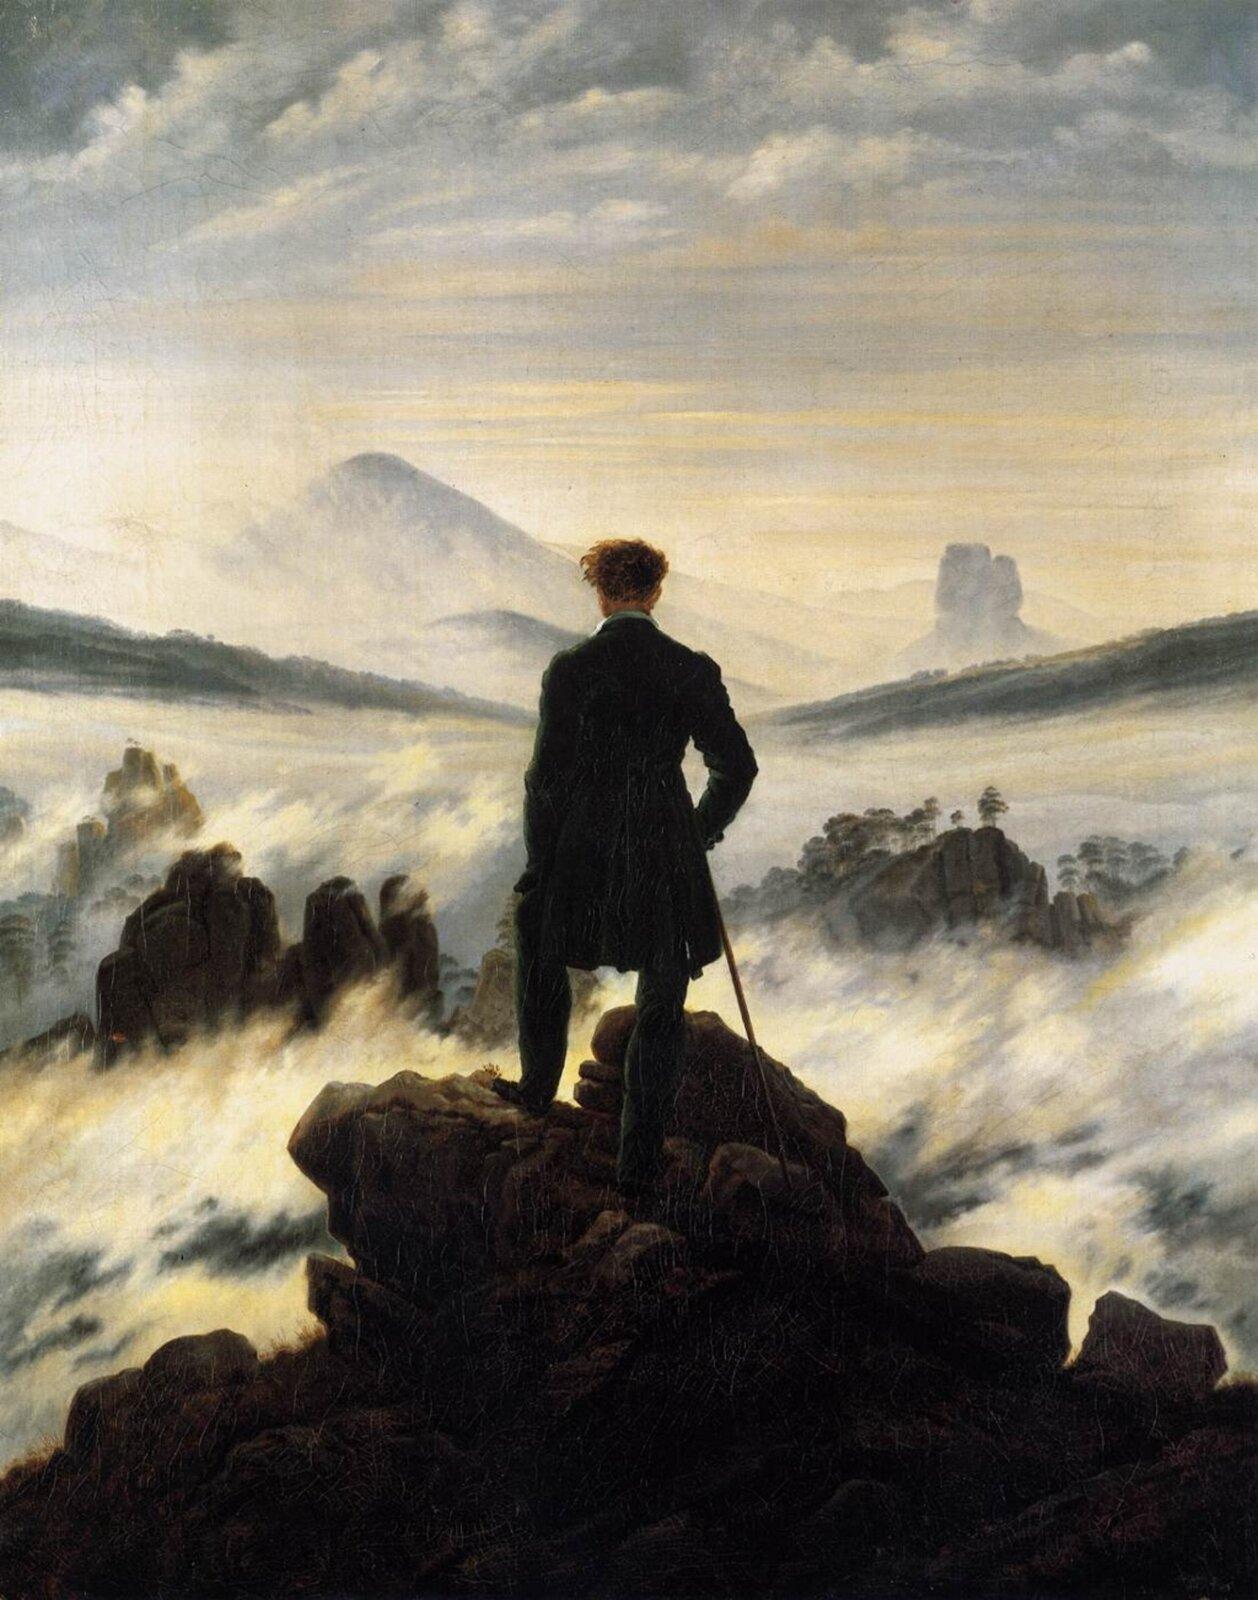 """Ilustracja przedstawia obraz Caspara Davida Friedricha pt. """"Wędrowiec nad morzem mgły"""". Na obrazie widzimy samotnego, romantycznego wędrowca. Mężczyzna stoi tyłem, na skalistej górze. Wprawej dłoni trzyma drewnianą laskę. Ubrany jest we frak. Krajobraz jest piękny przedstawia zamglone góry."""